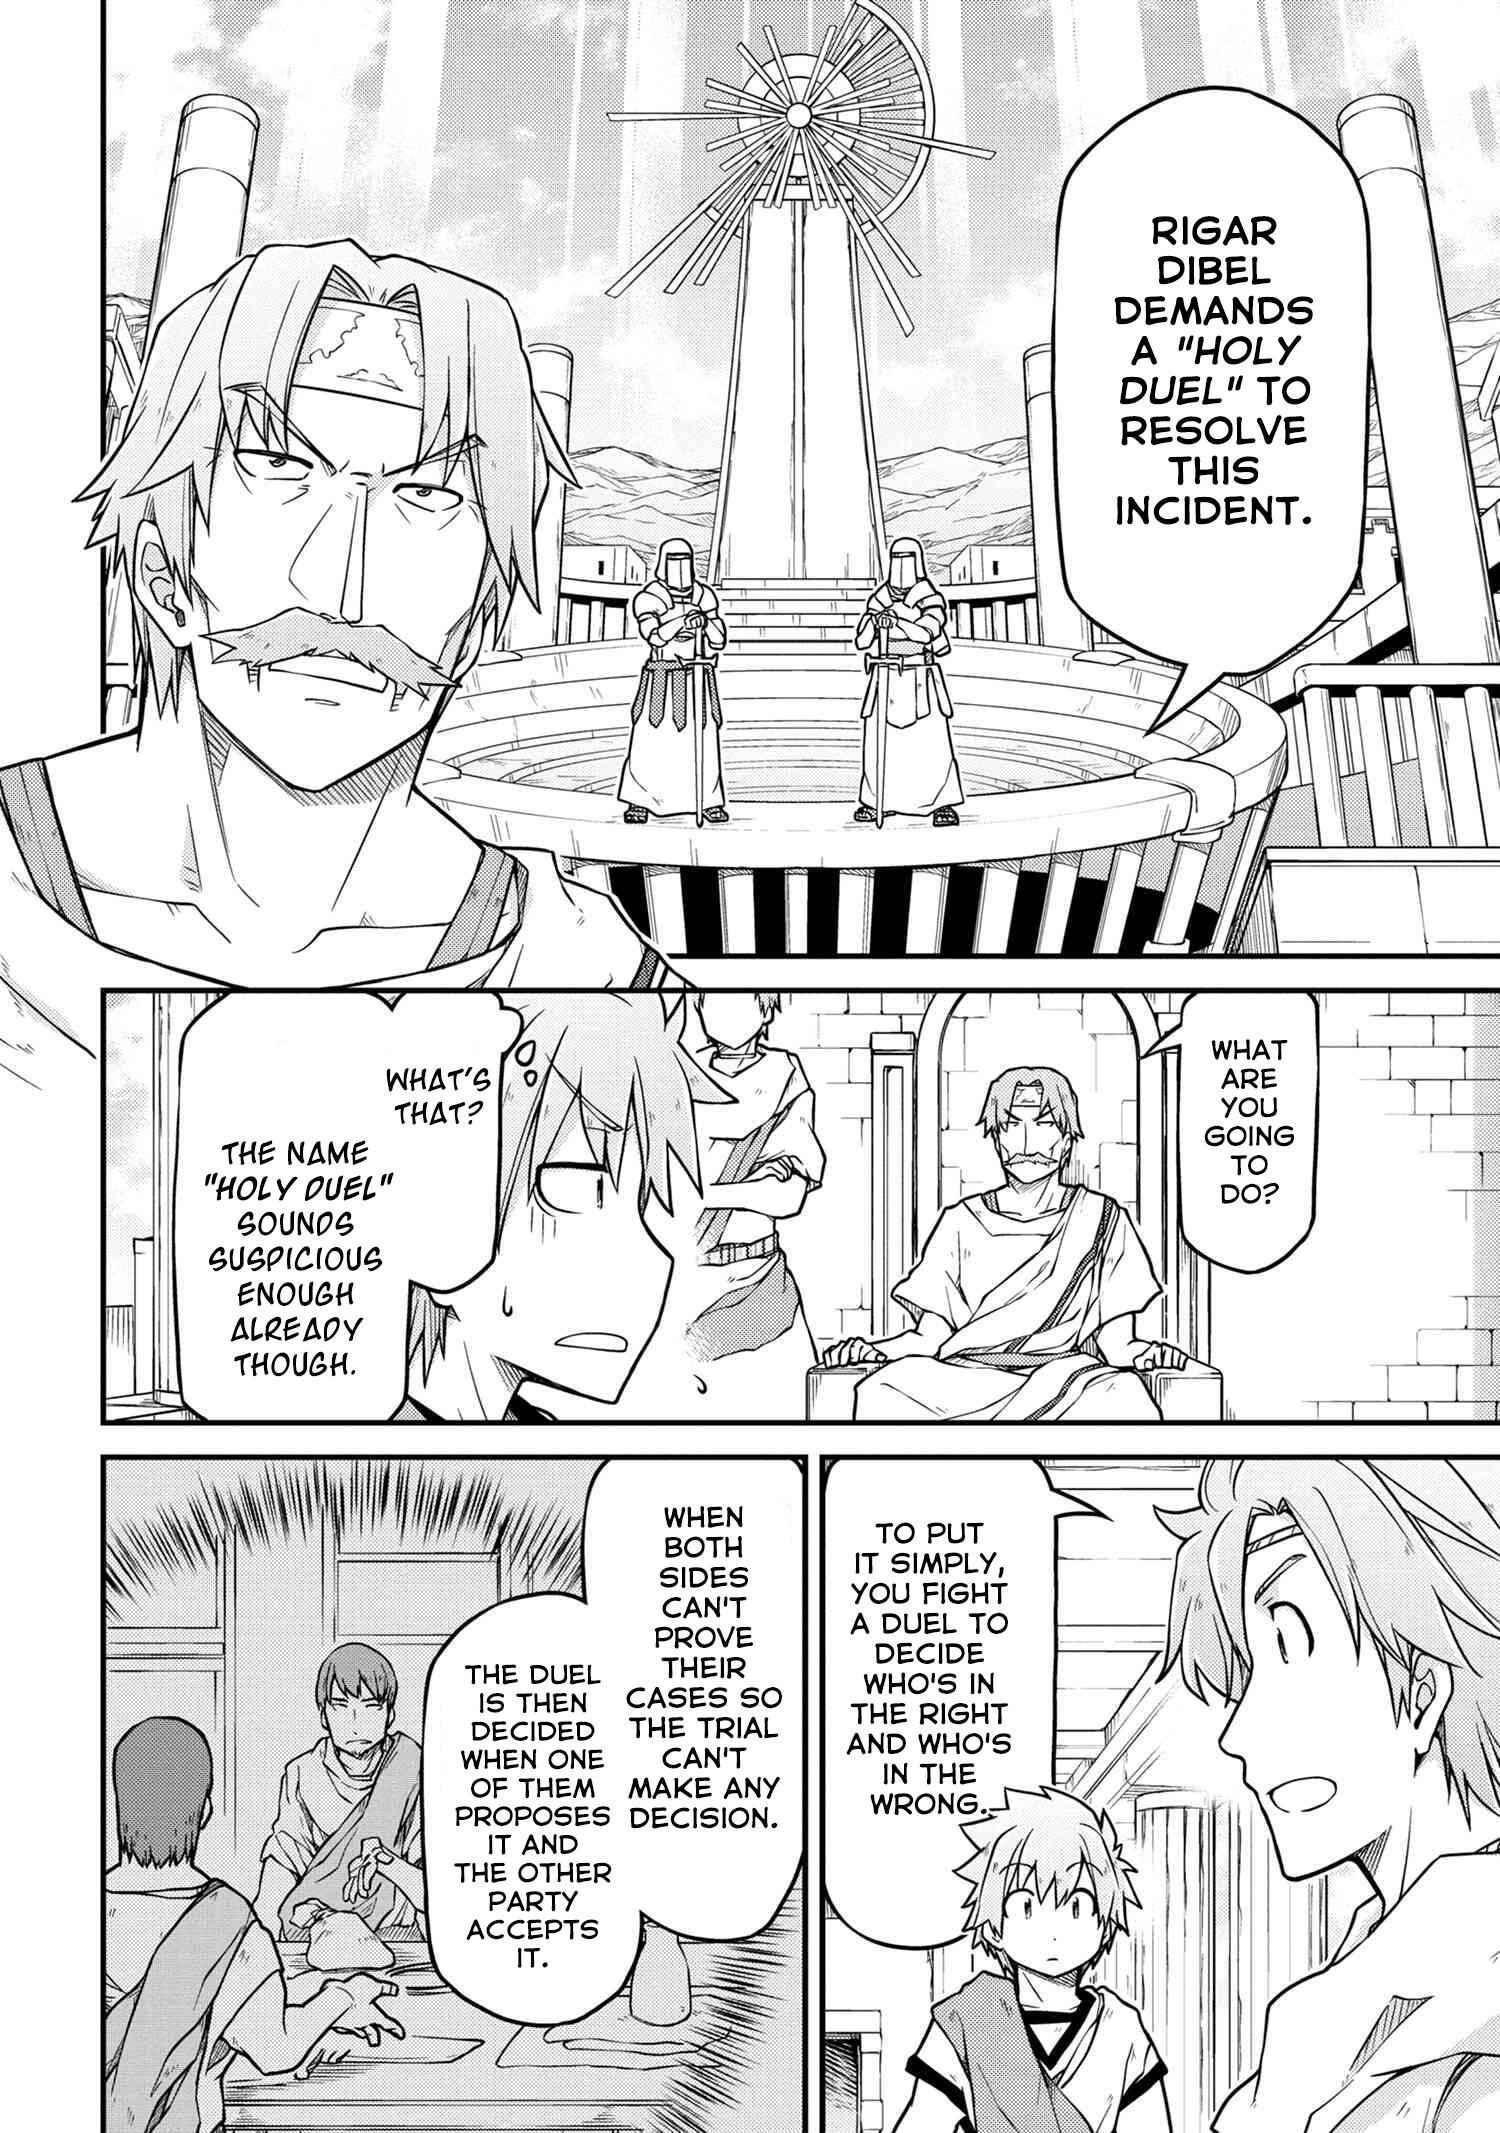 Isekai Kenkokuki - chapter 41.2-eng-li